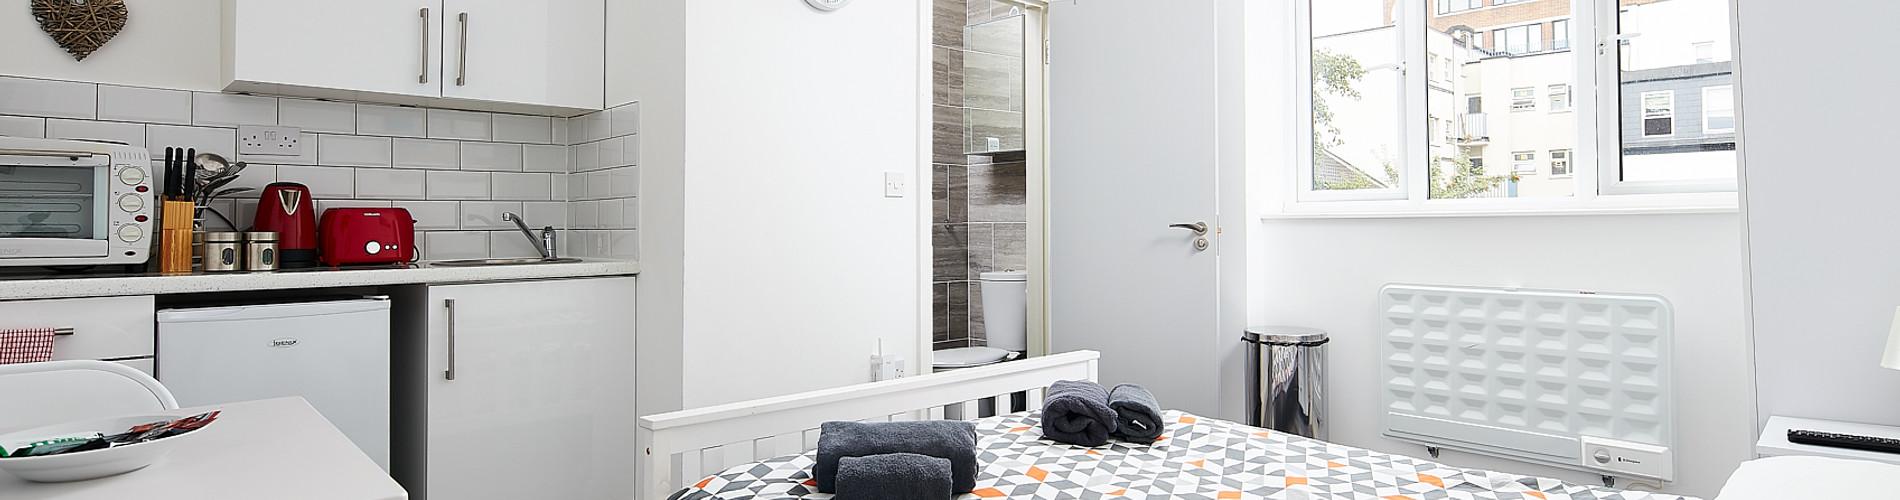 Vacation Rental Euston Studio Apartment #1